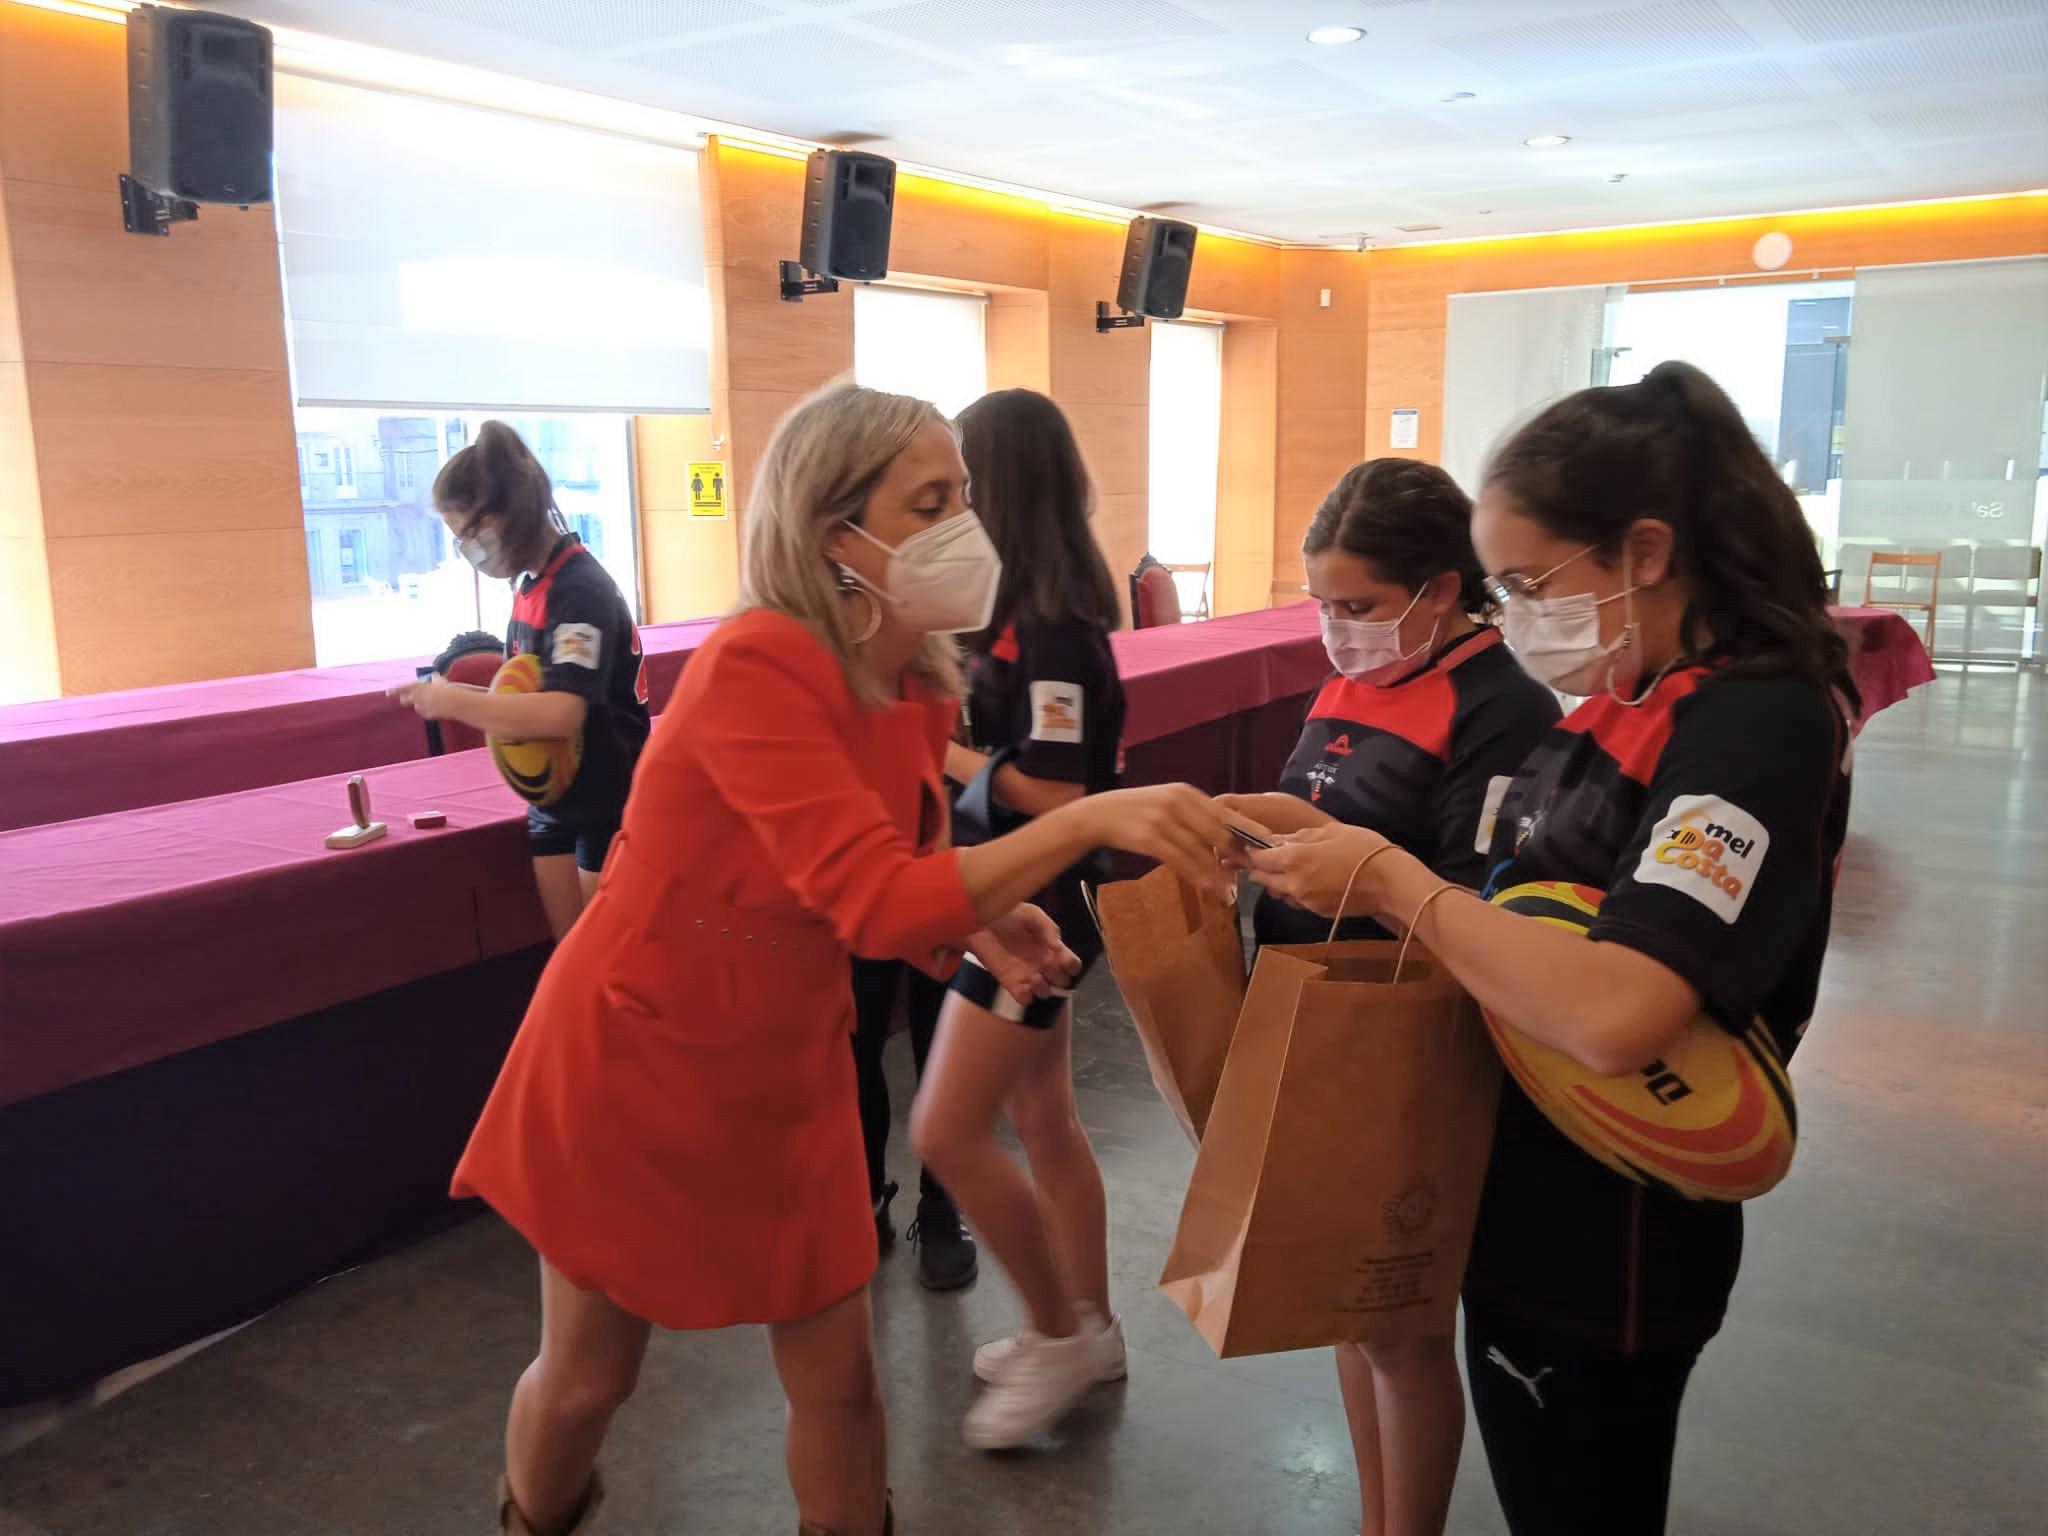 O Concello de Viveiro recibe ao equipo feminino sub 14 da Escola de Rugby Astérix tras gañar o Campionato Galego